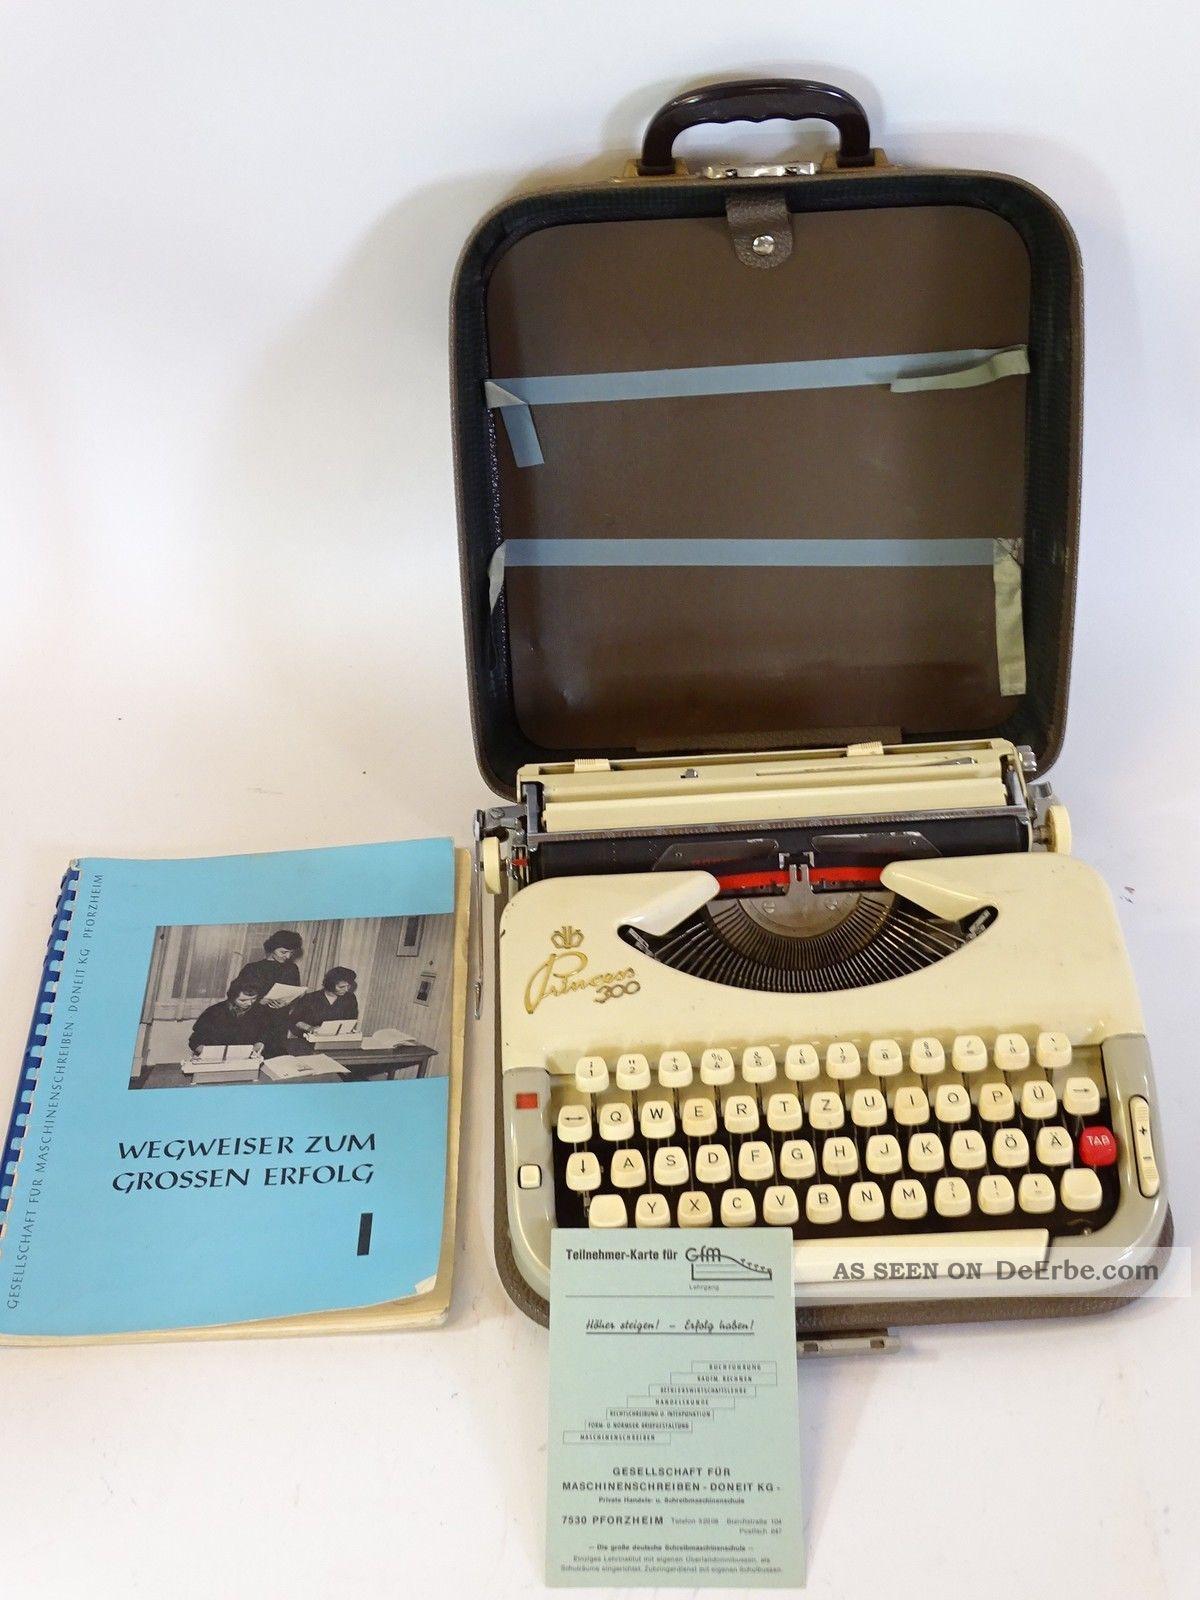 Antike Schreibmaschine Princess 300 Inkl Koffer Und Schreibübungen - Heft Antike Bürotechnik Bild